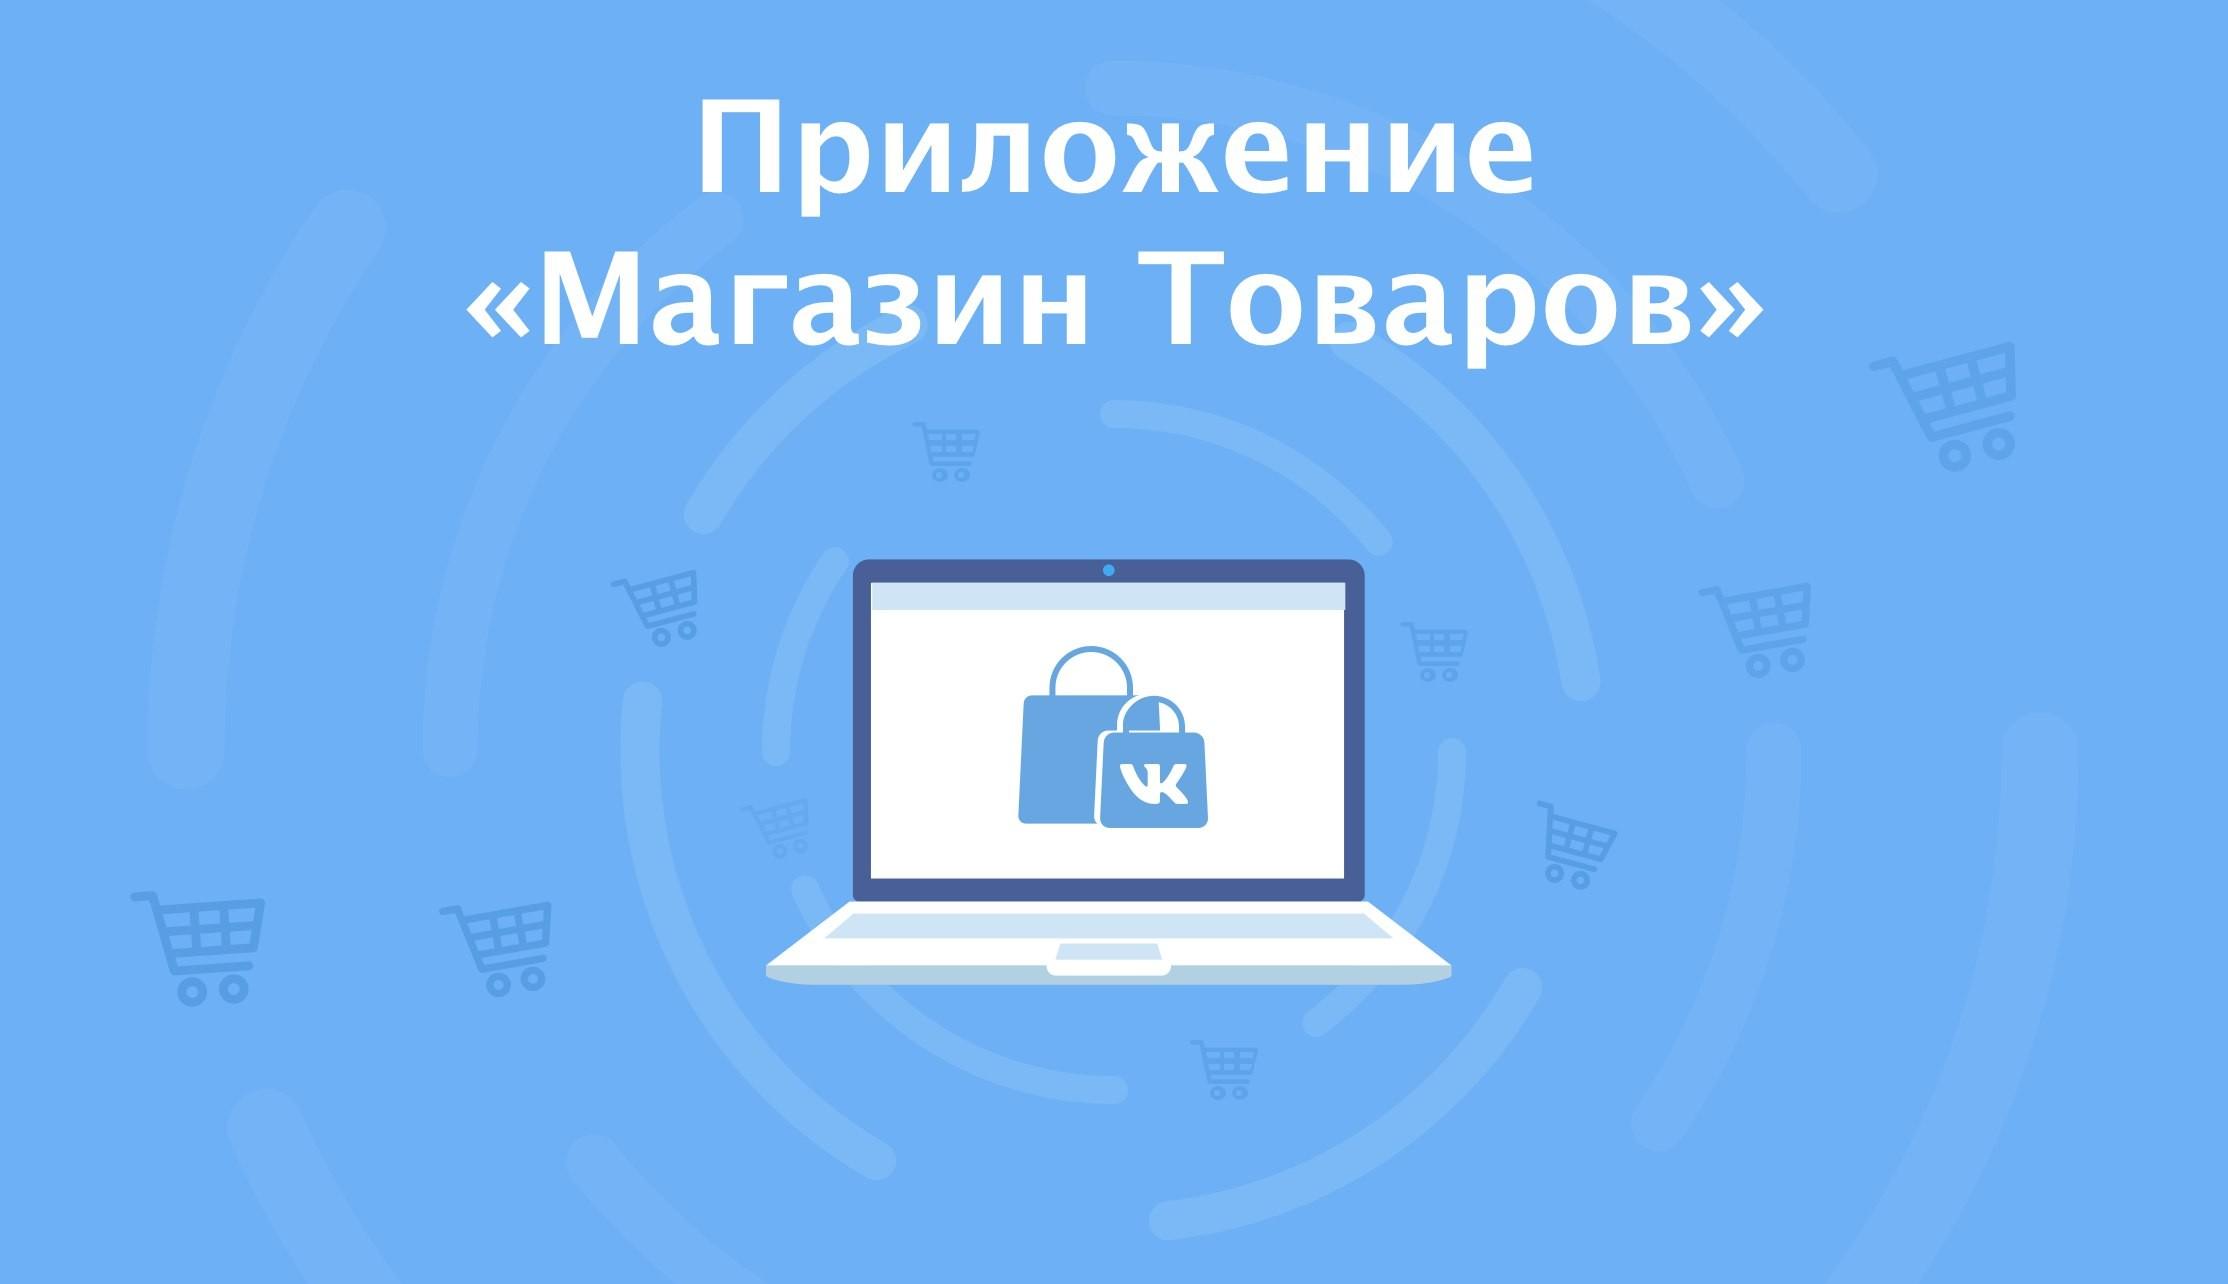 ВКонтакте запускает приложение «Магазин товаров»